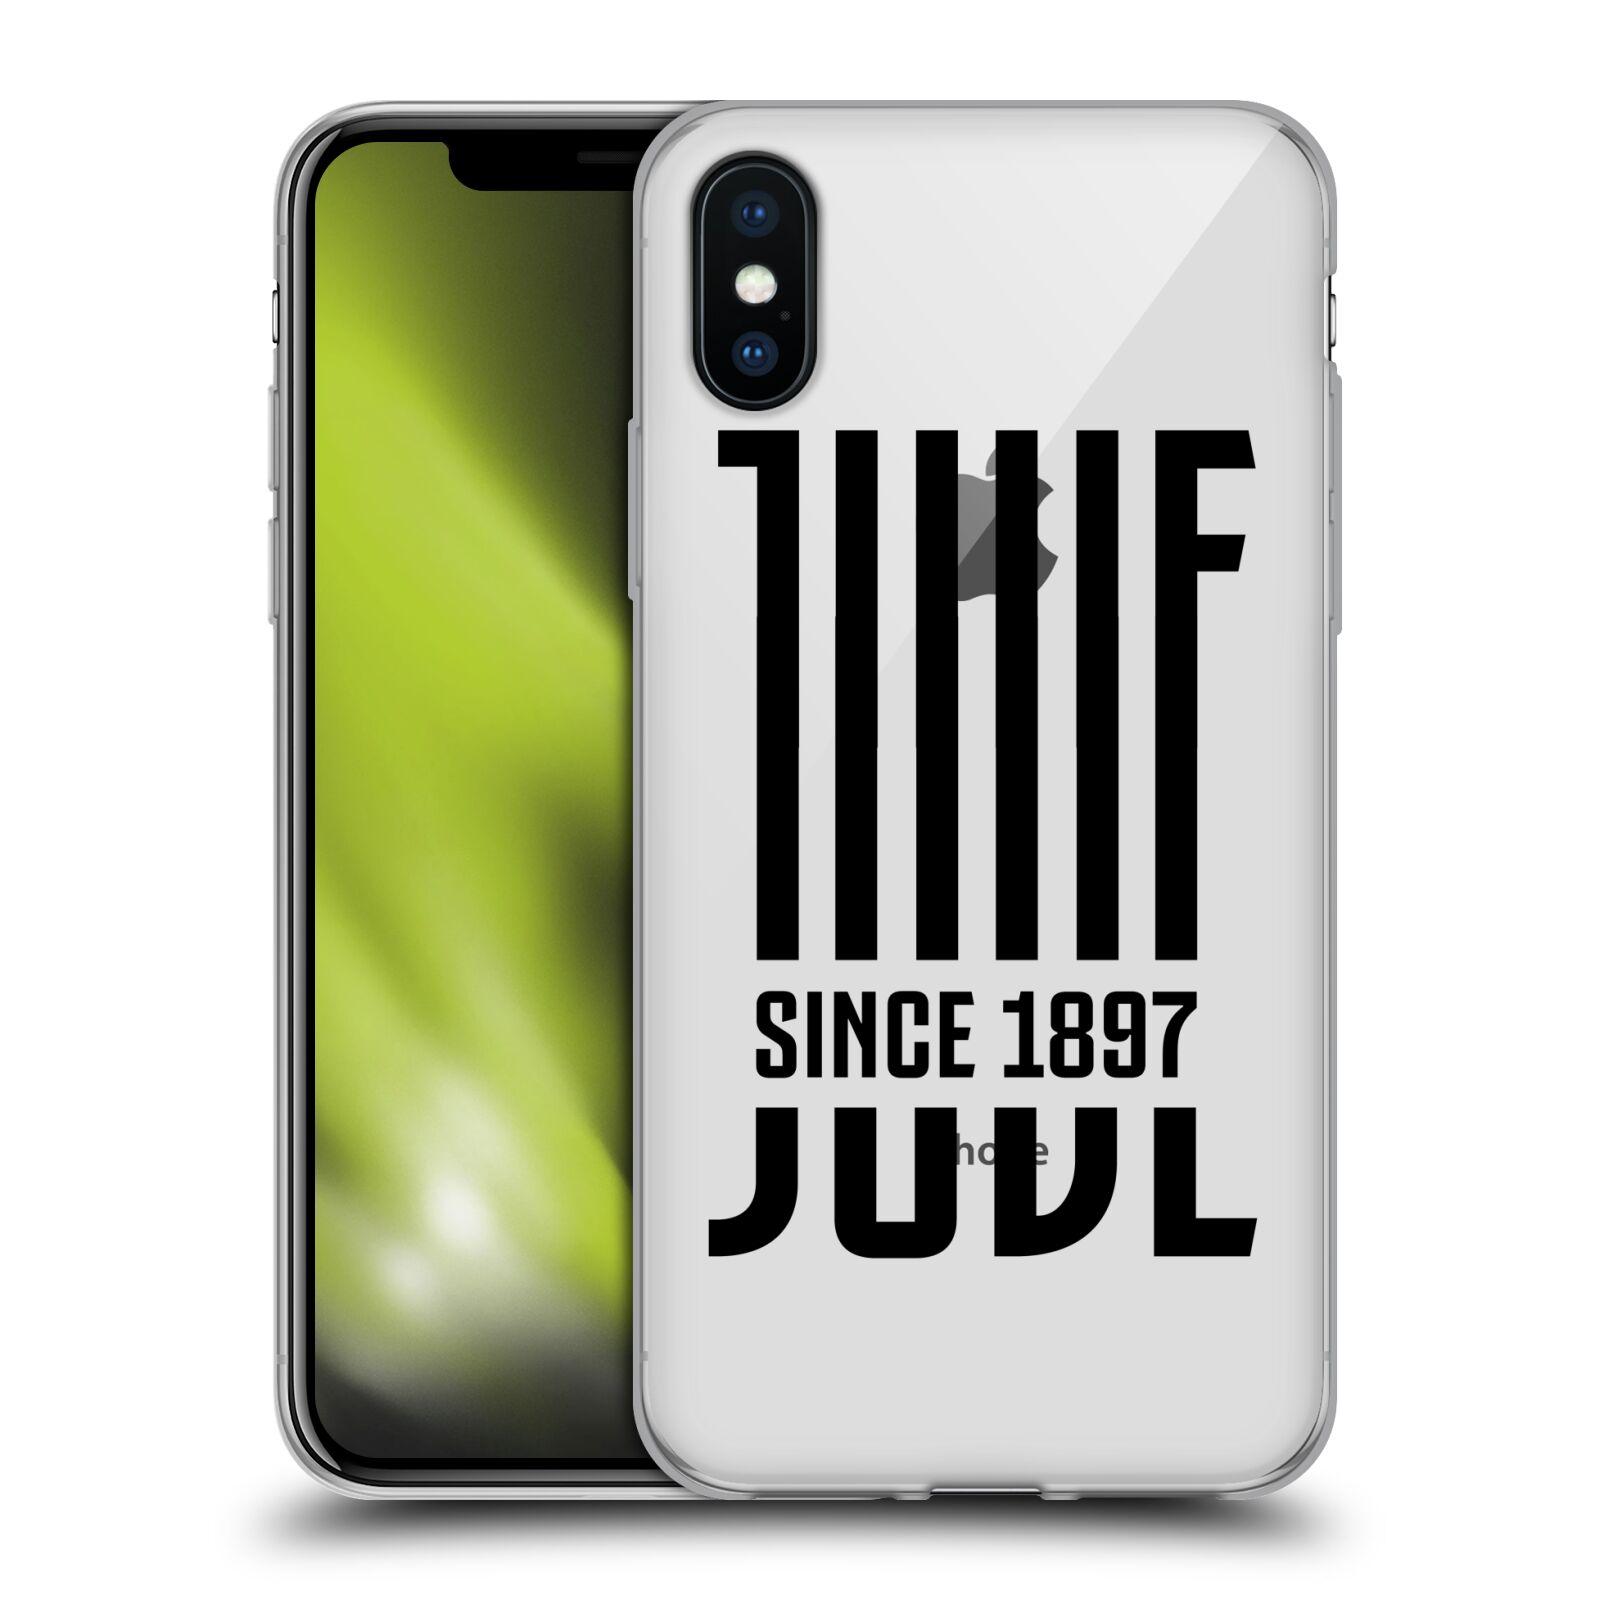 HEAD CASE silikonový obal na mobil Apple Iphone X Fotbalový klub Juventus  FC průhledný černá JUVE 6bdebc26ae9